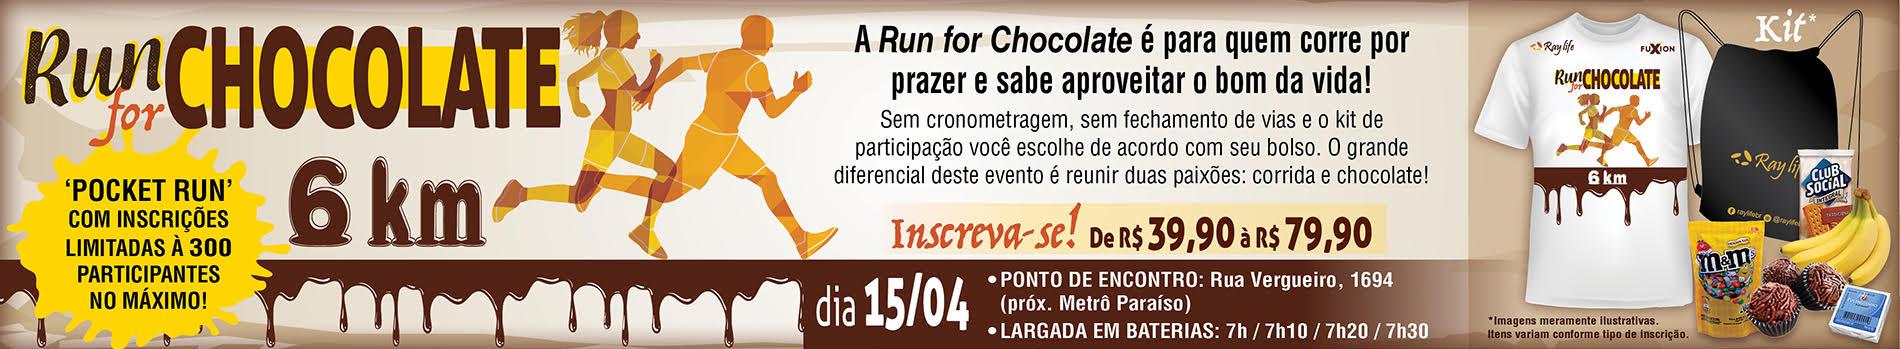 Run for Chocolate 2018 - Imagem de topo